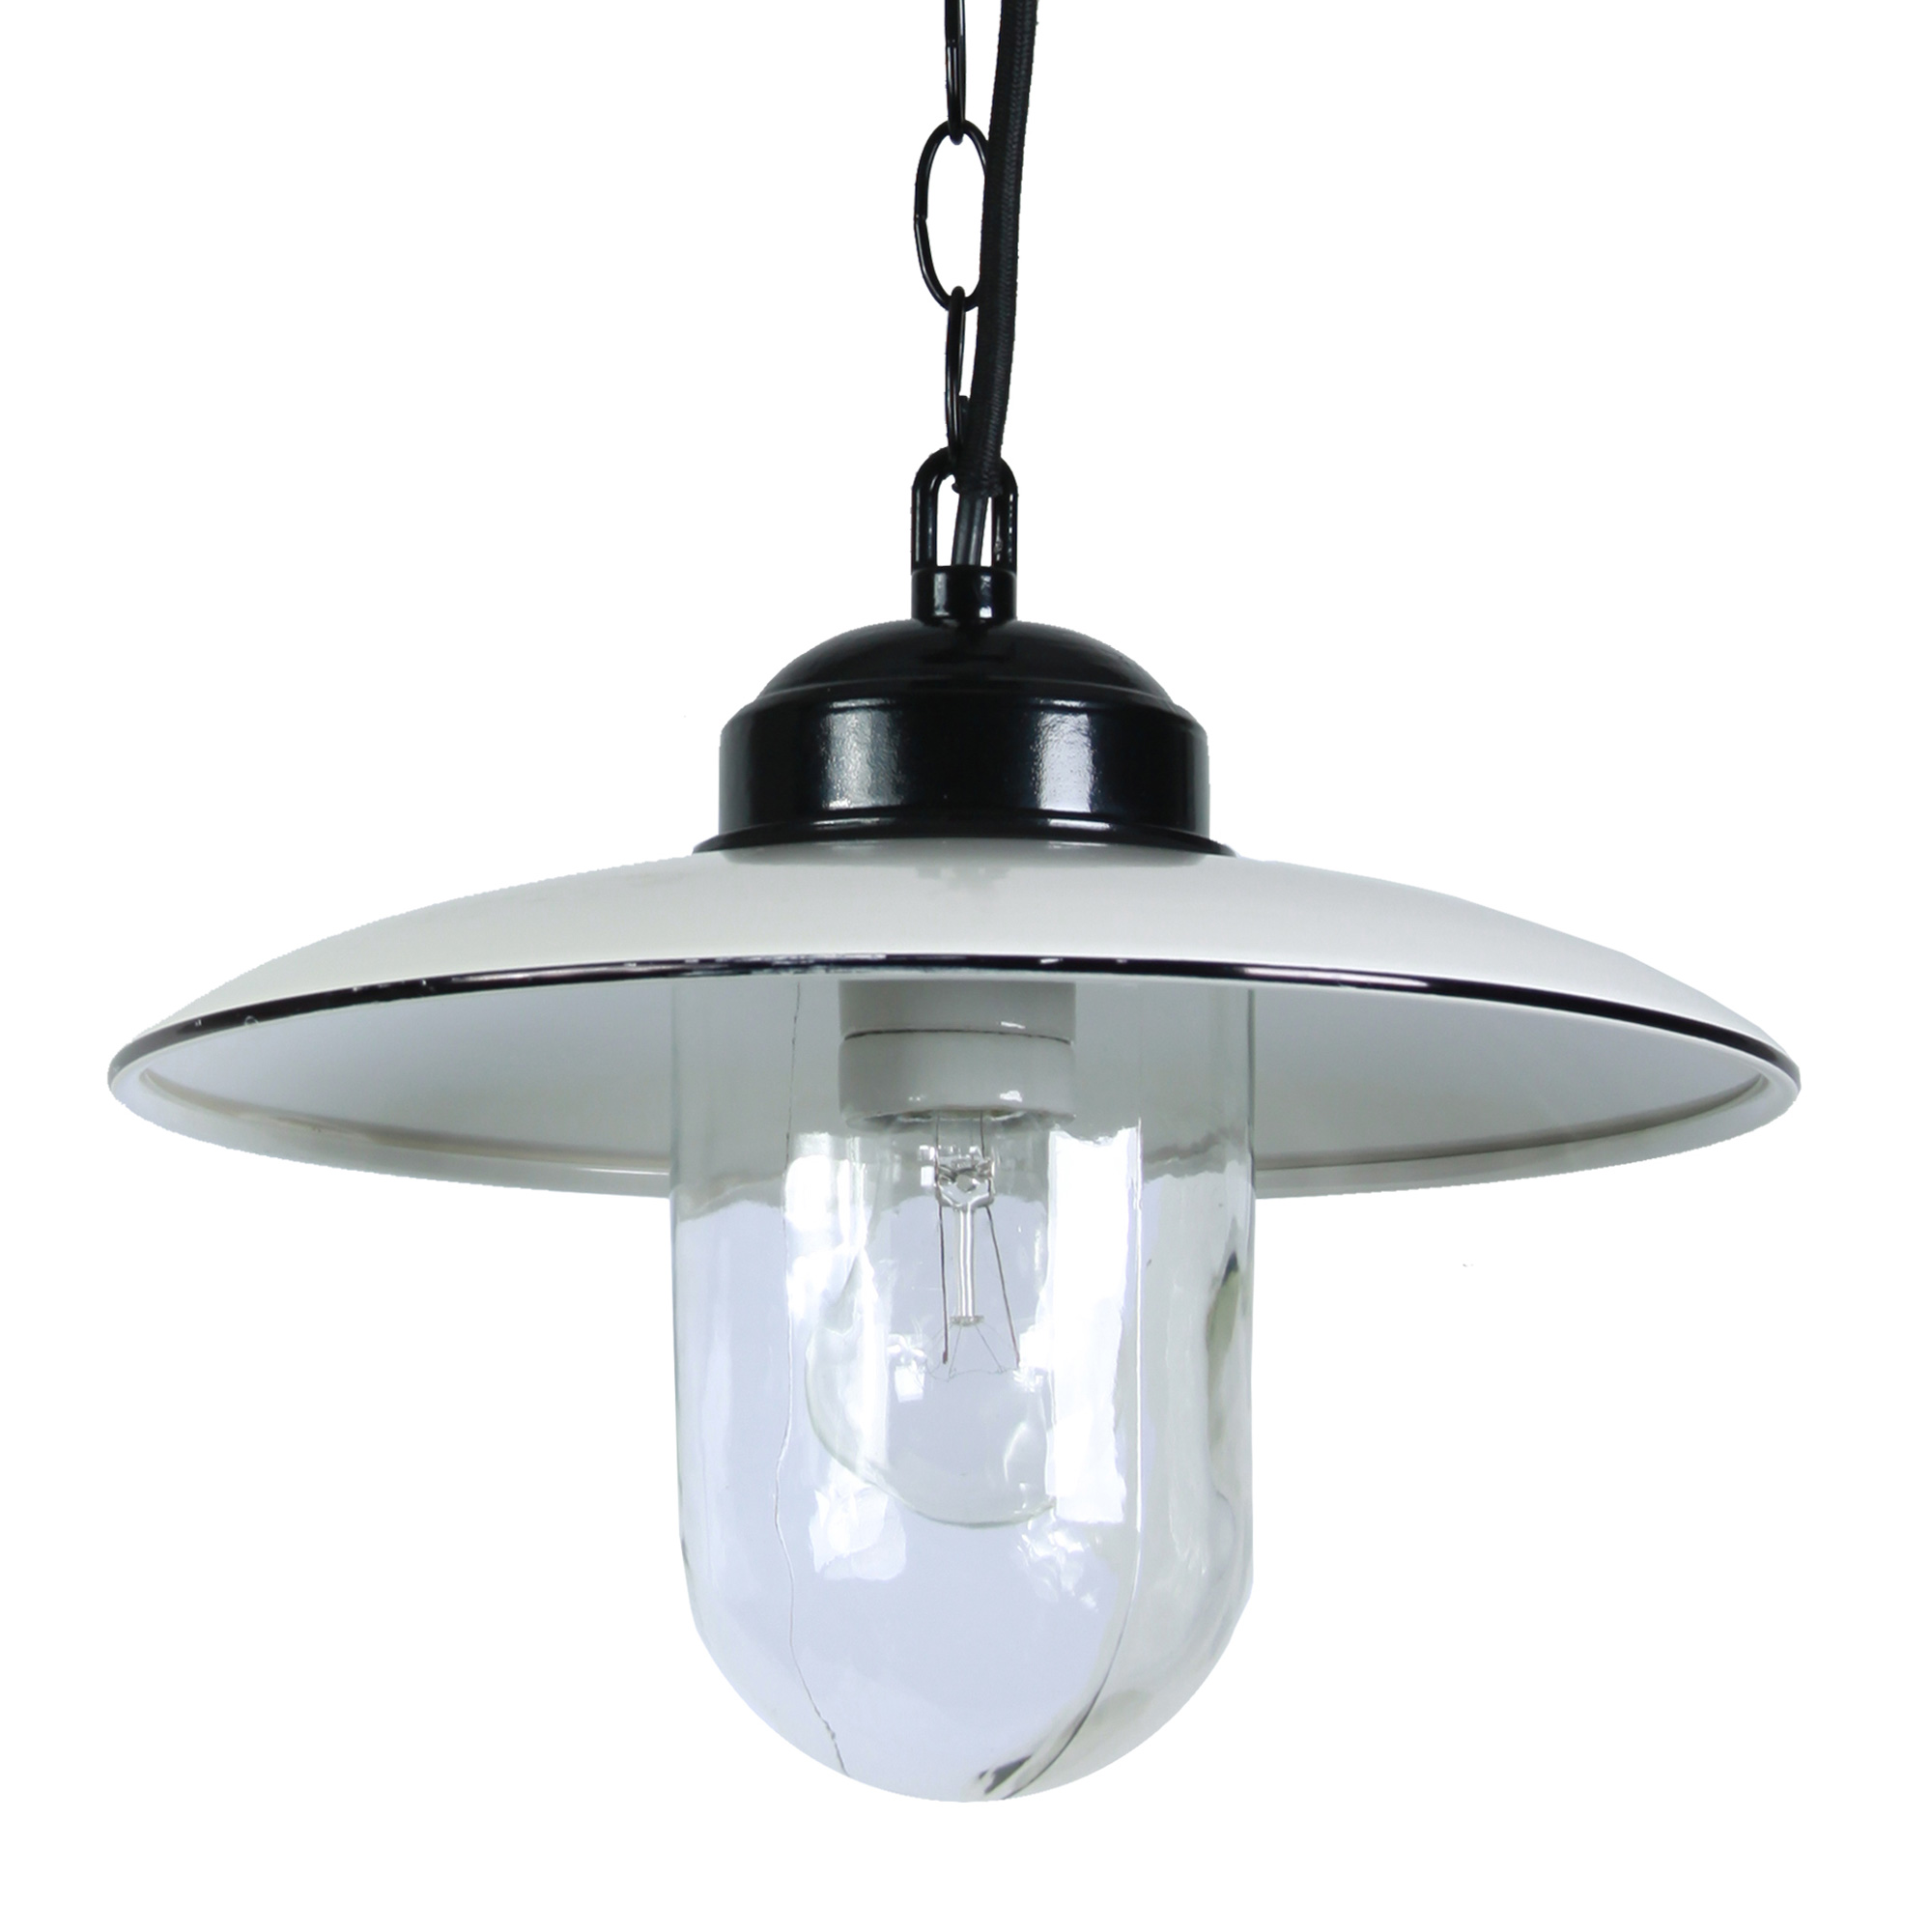 Hanglamp Solingen Hang Wit